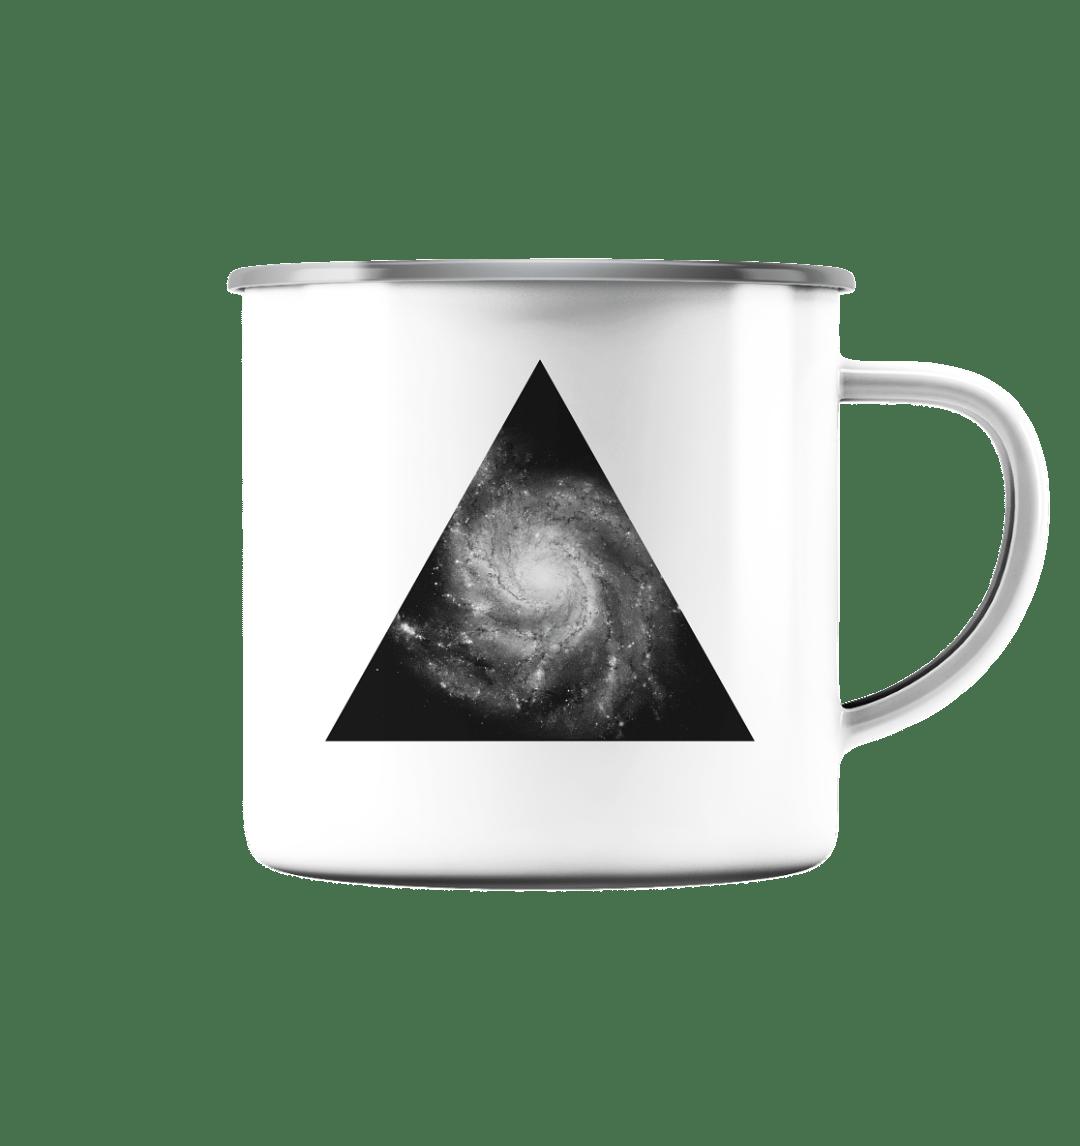 Universe - Galaxie Motiv auf einer Emaille Tasse.